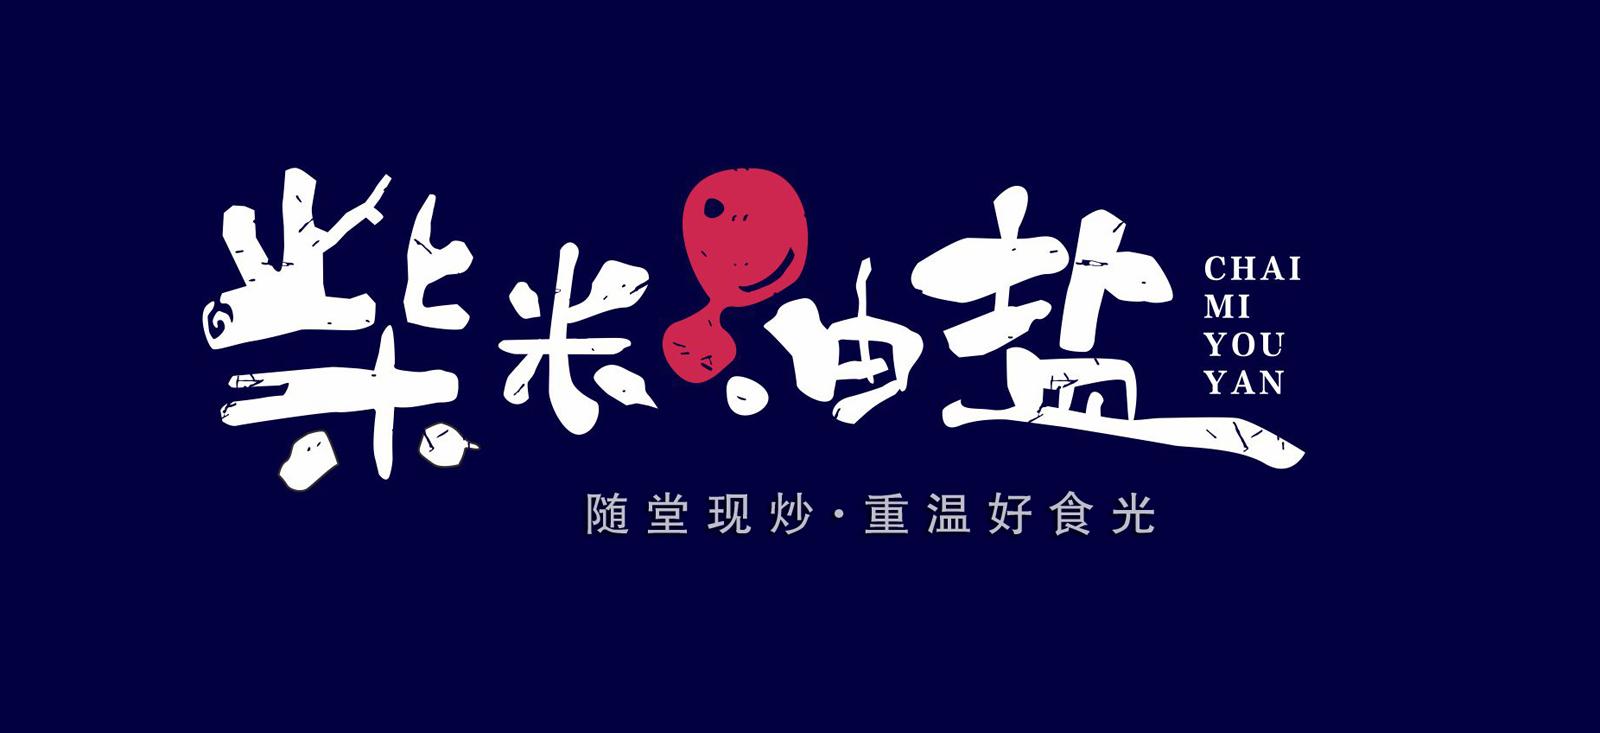 湘潭柴米油盐民俗餐饮设计品牌.jpg